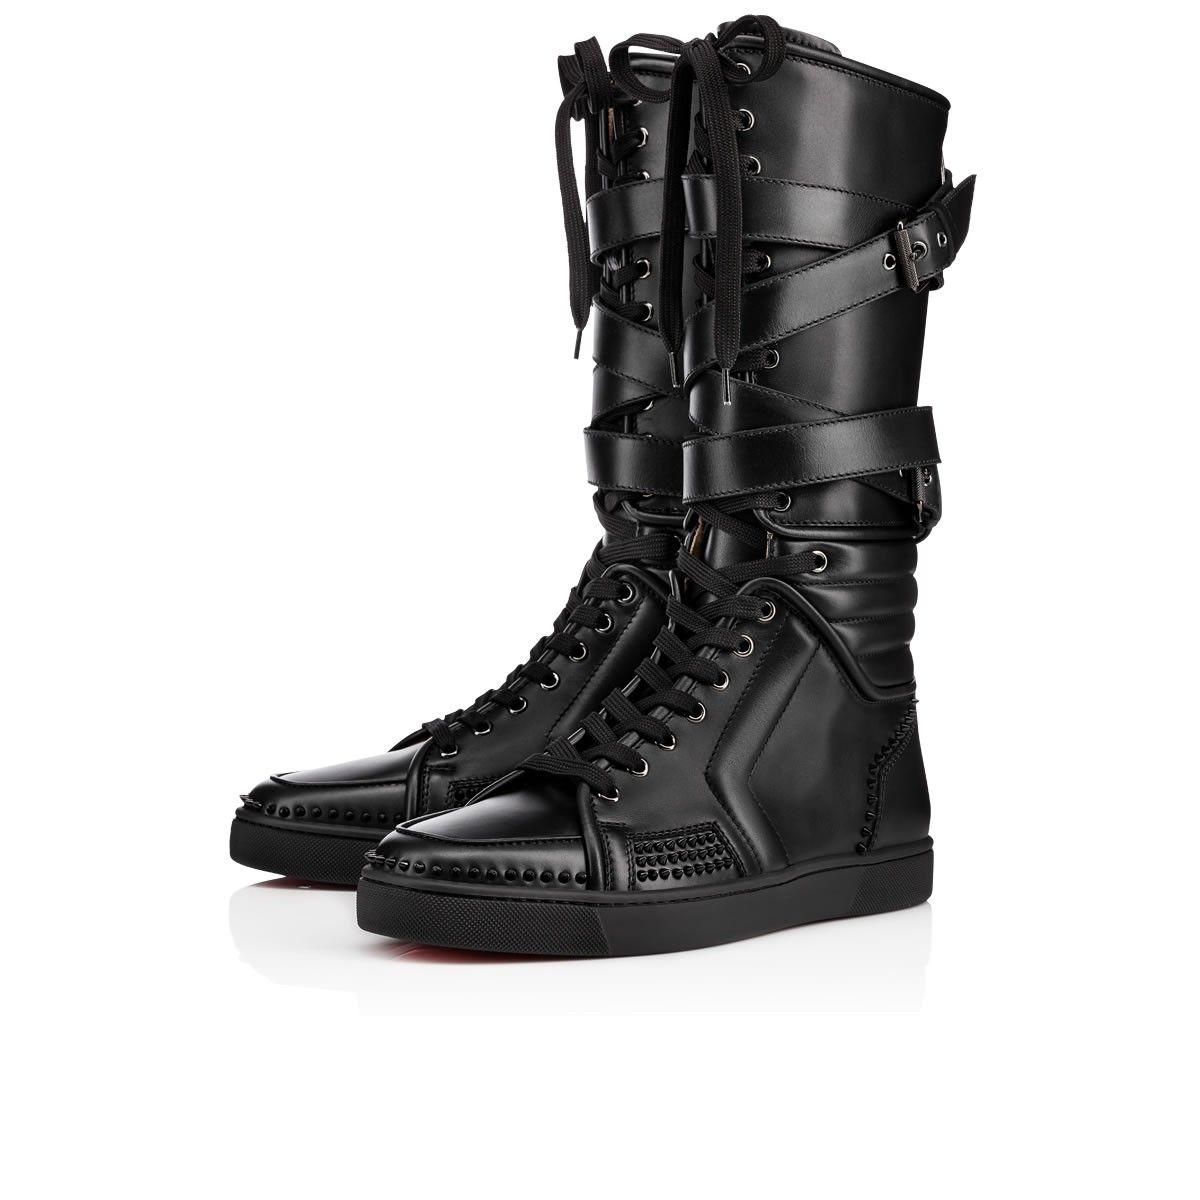 CHRISTIAN LOUBOUTIN Sporty Dude Calf - Shoes - Men. #christianlouboutin # shoes #